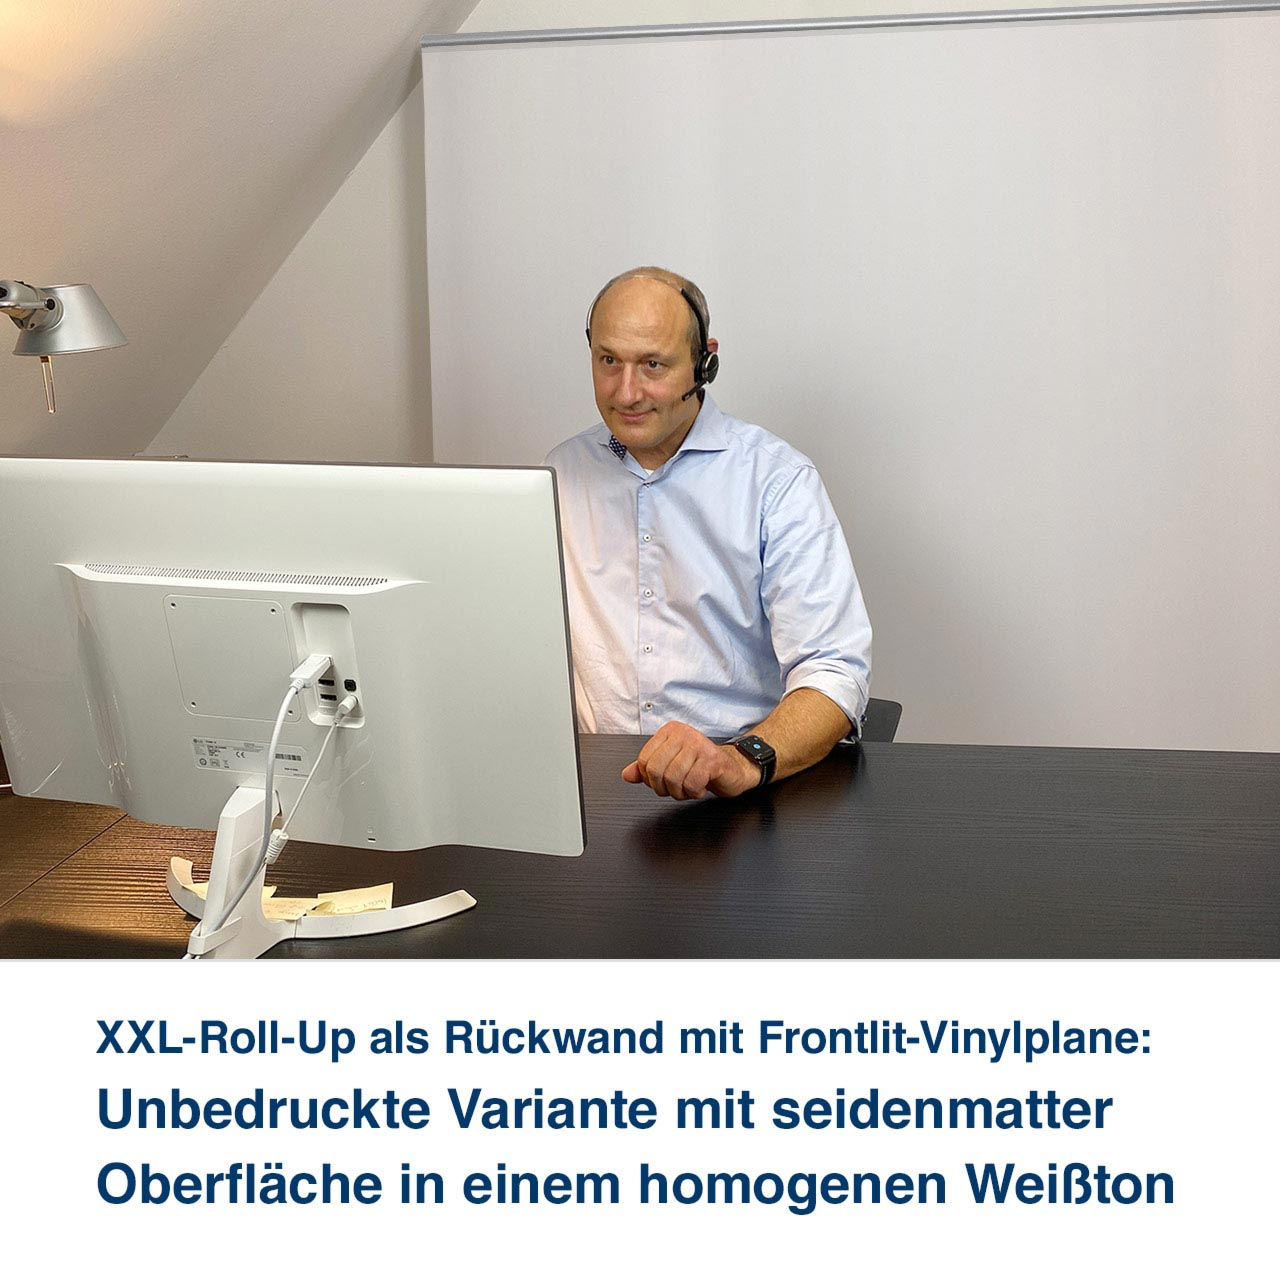 XXL-Roll-Up als Rückwand mit Frontlit-Vinylplane:   Unbedruckte Variante mit seidenmatter  Oberfläche in einem homogenen Weißton